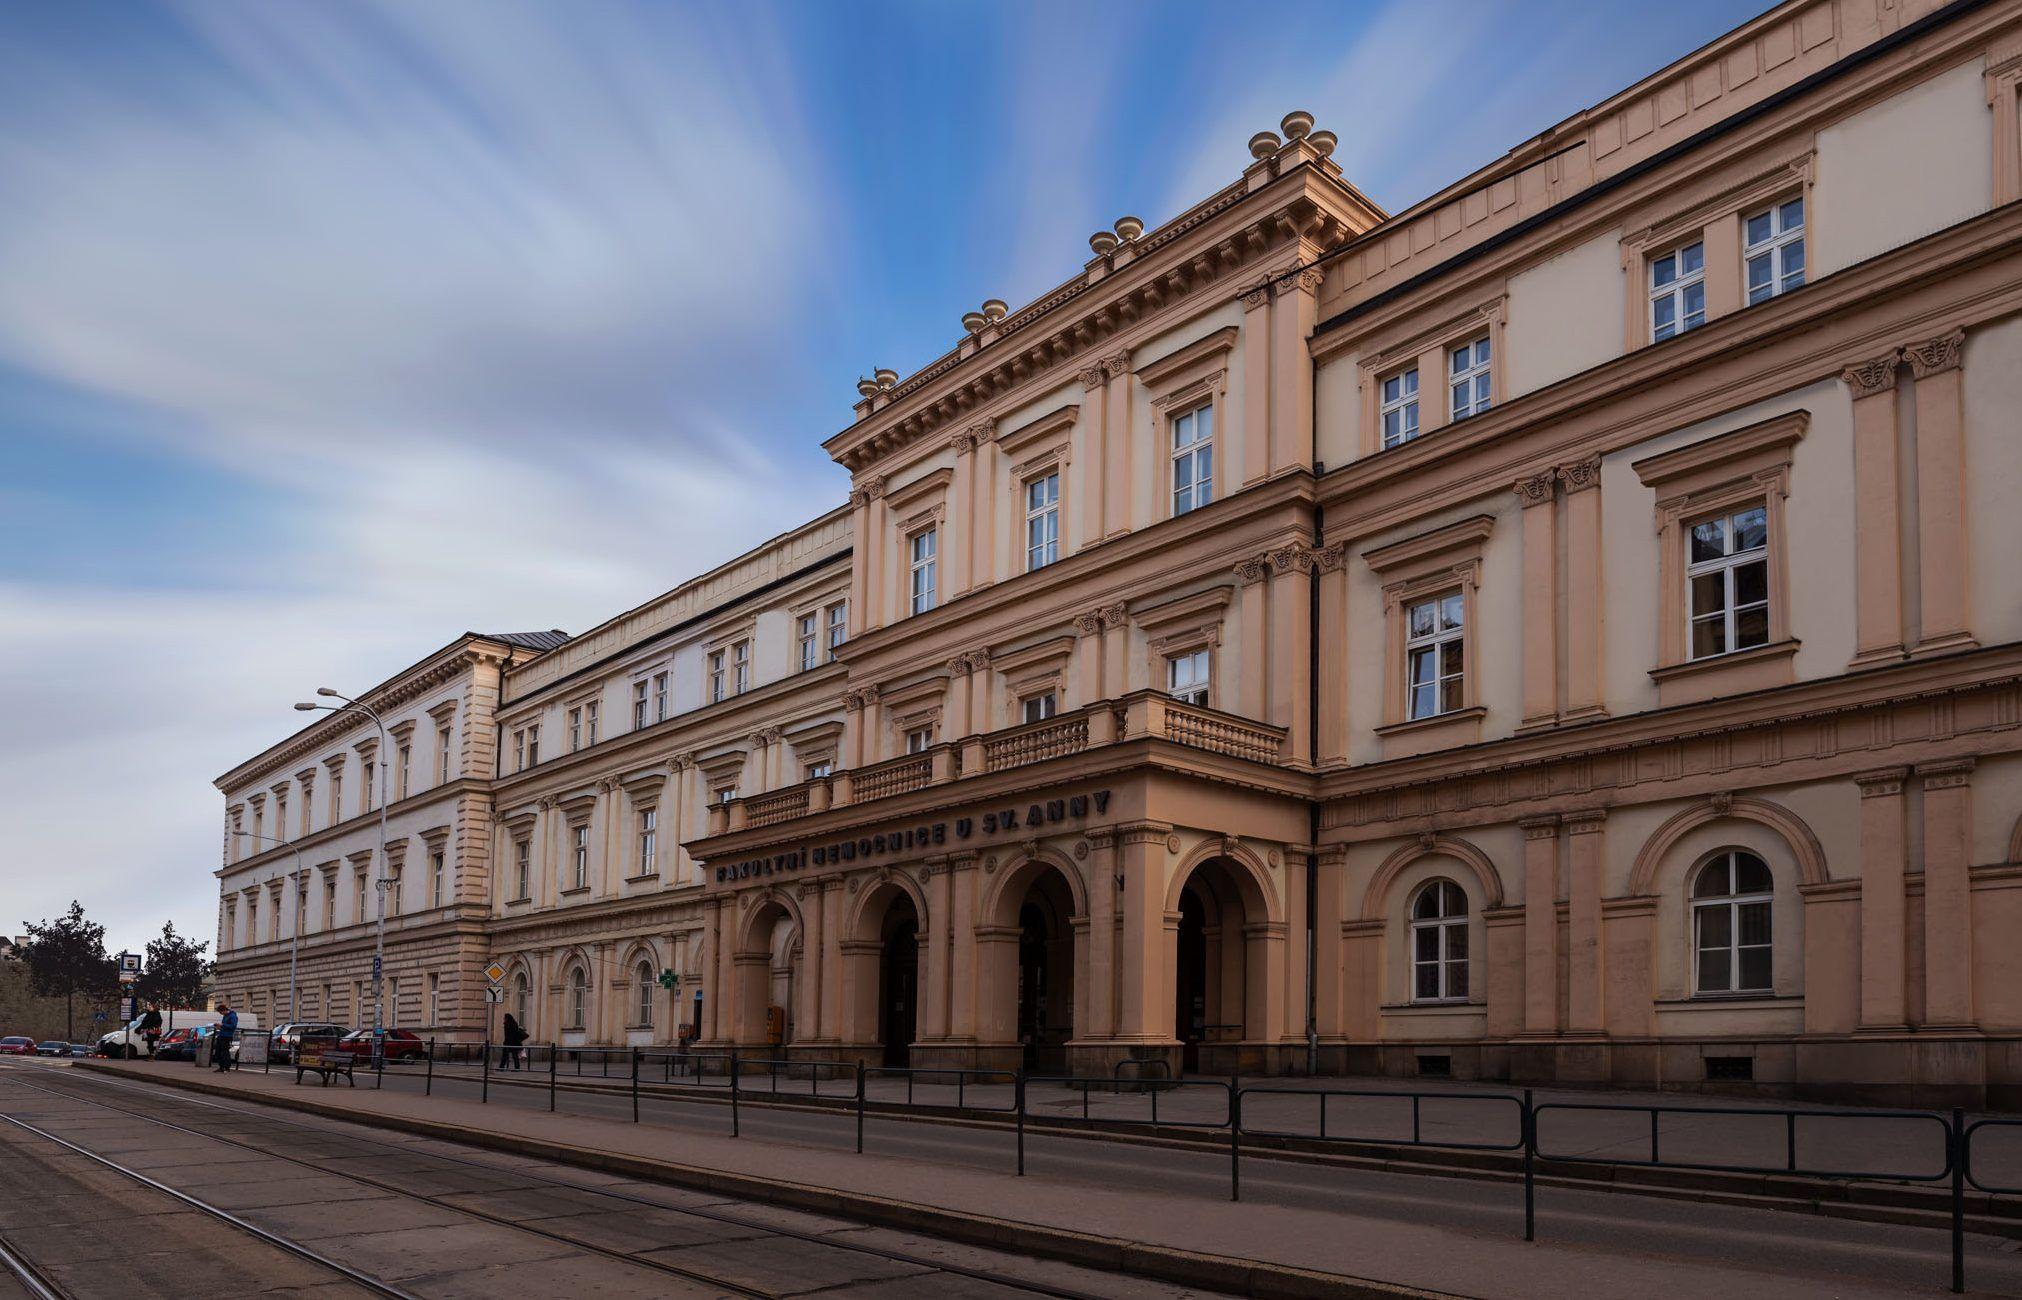 Nemocnice u sv. Anny v Brně